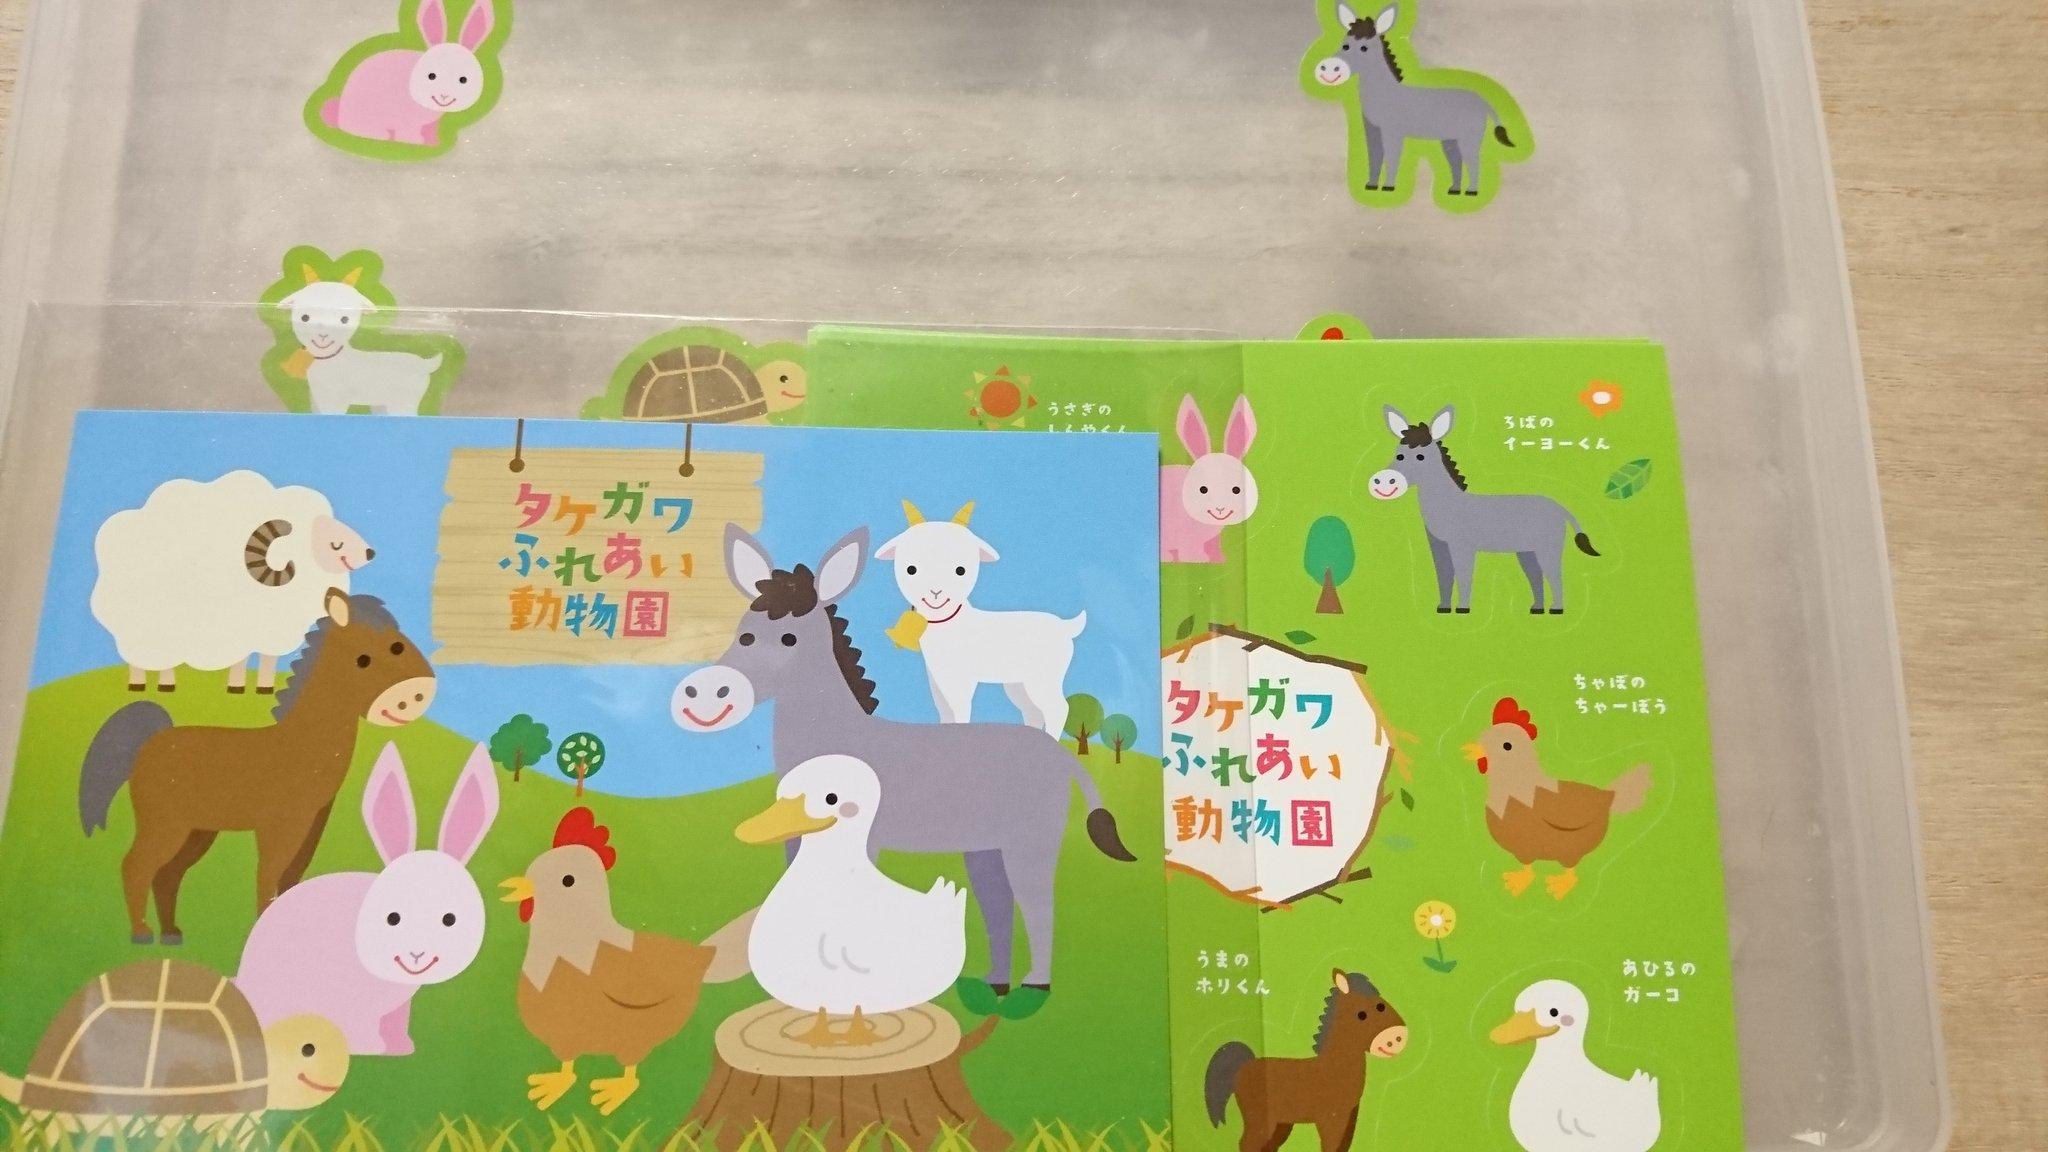 動物園 タケガワ ふれあい